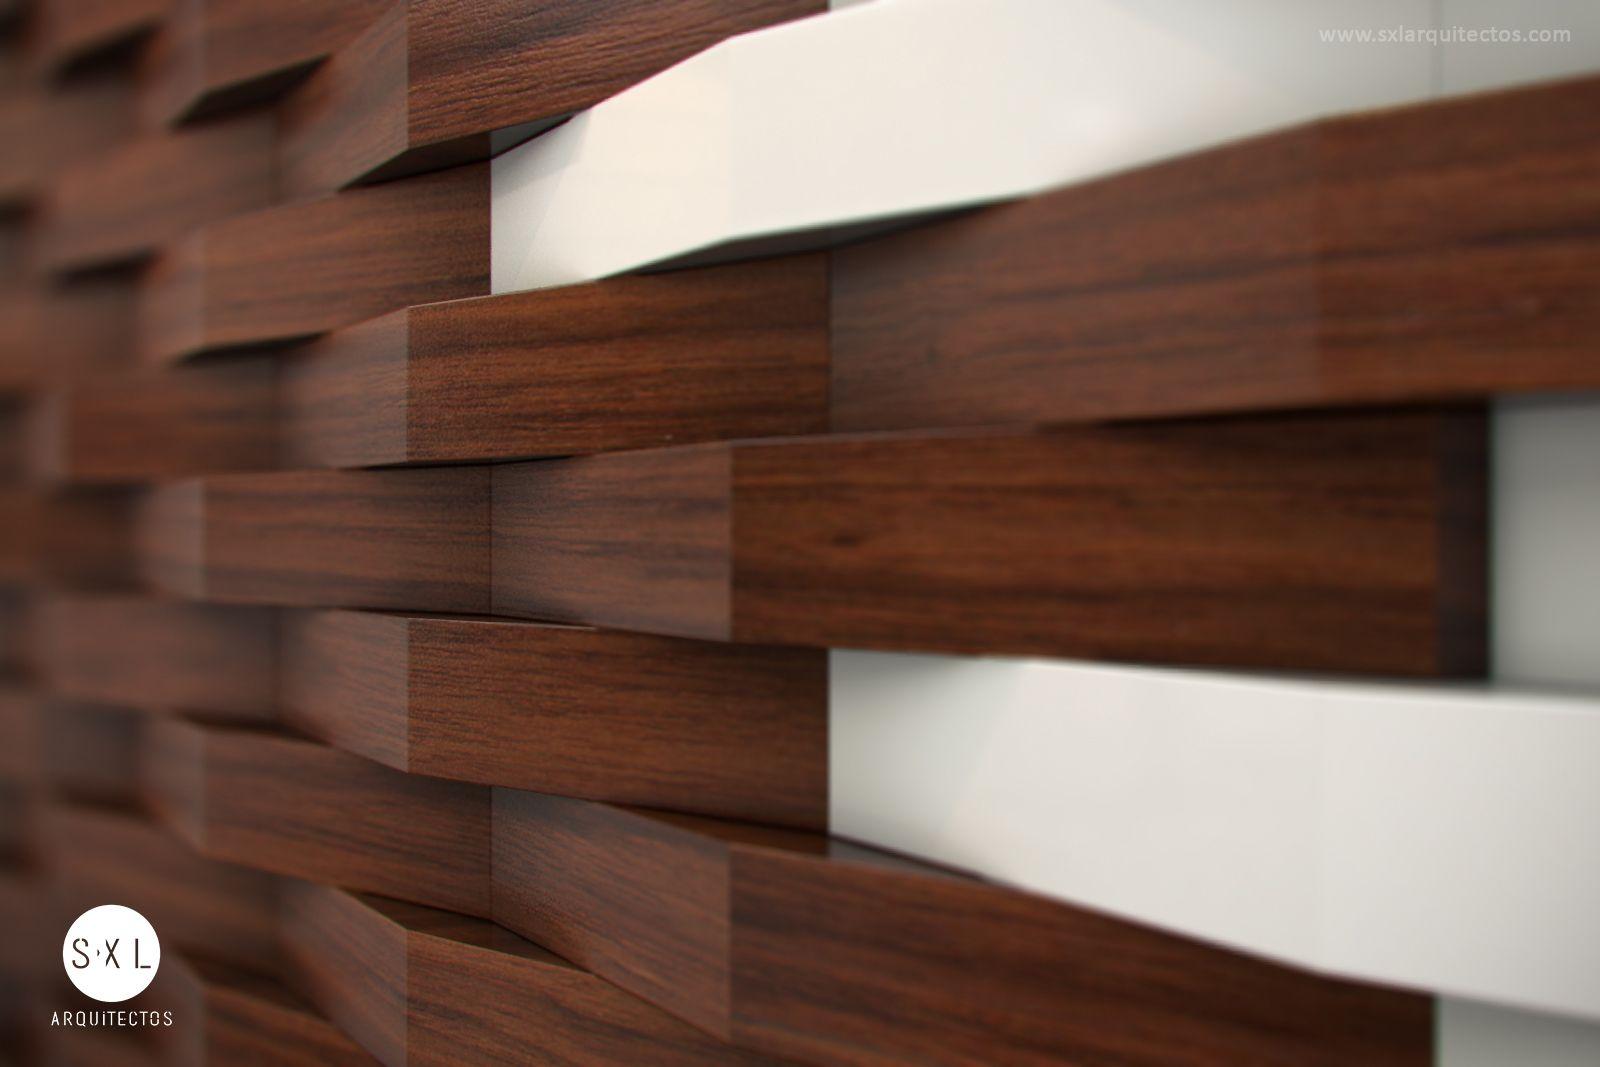 Detalle de listones de madera en muro de la recepci n - Listones de madera para exterior ...